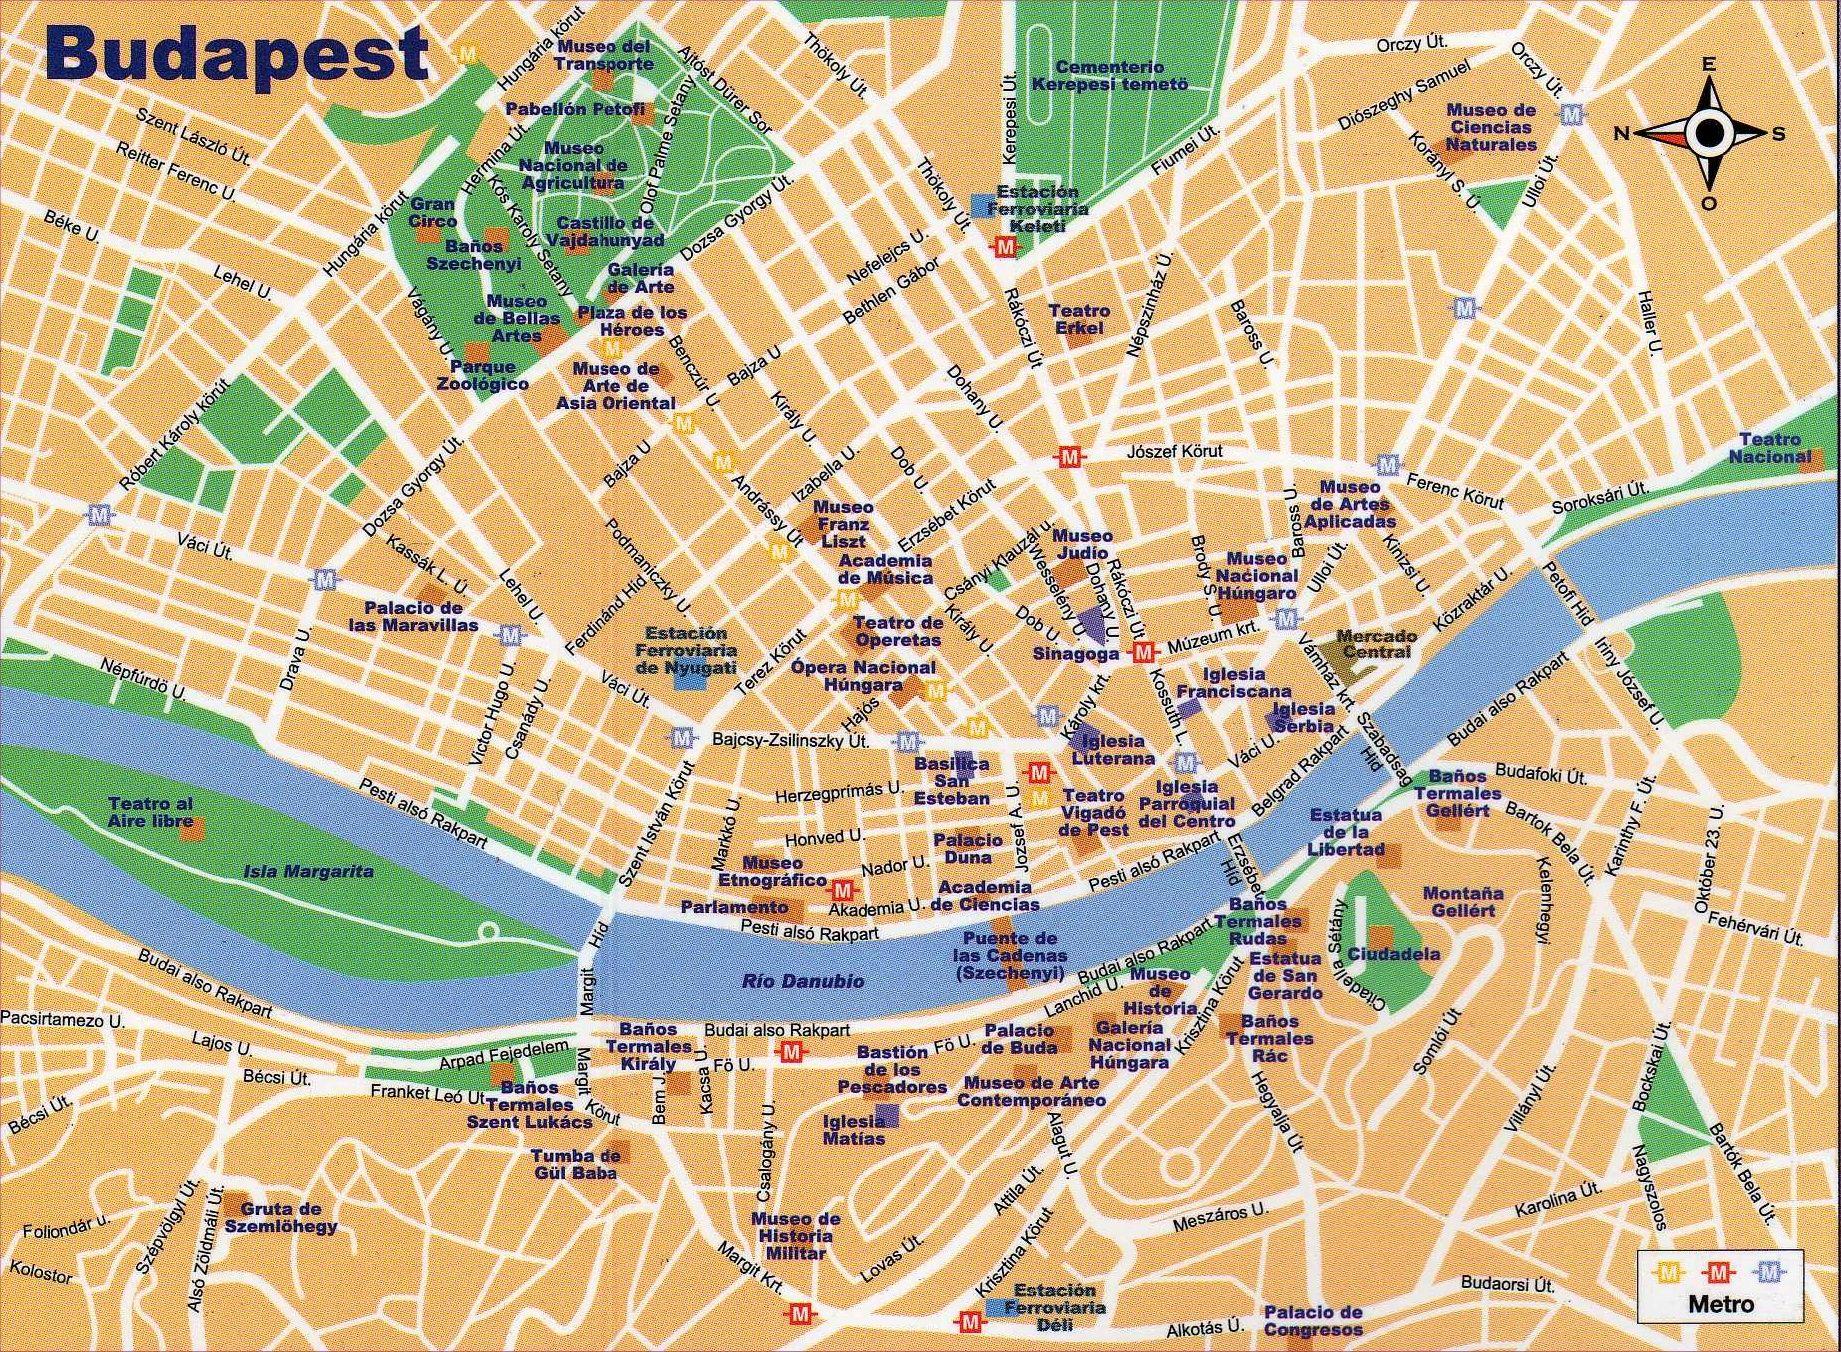 Mapa Turistico Budapest Pdf.Los Viajes De Budapest 3 En 2019 Mapa Turistico Budapest